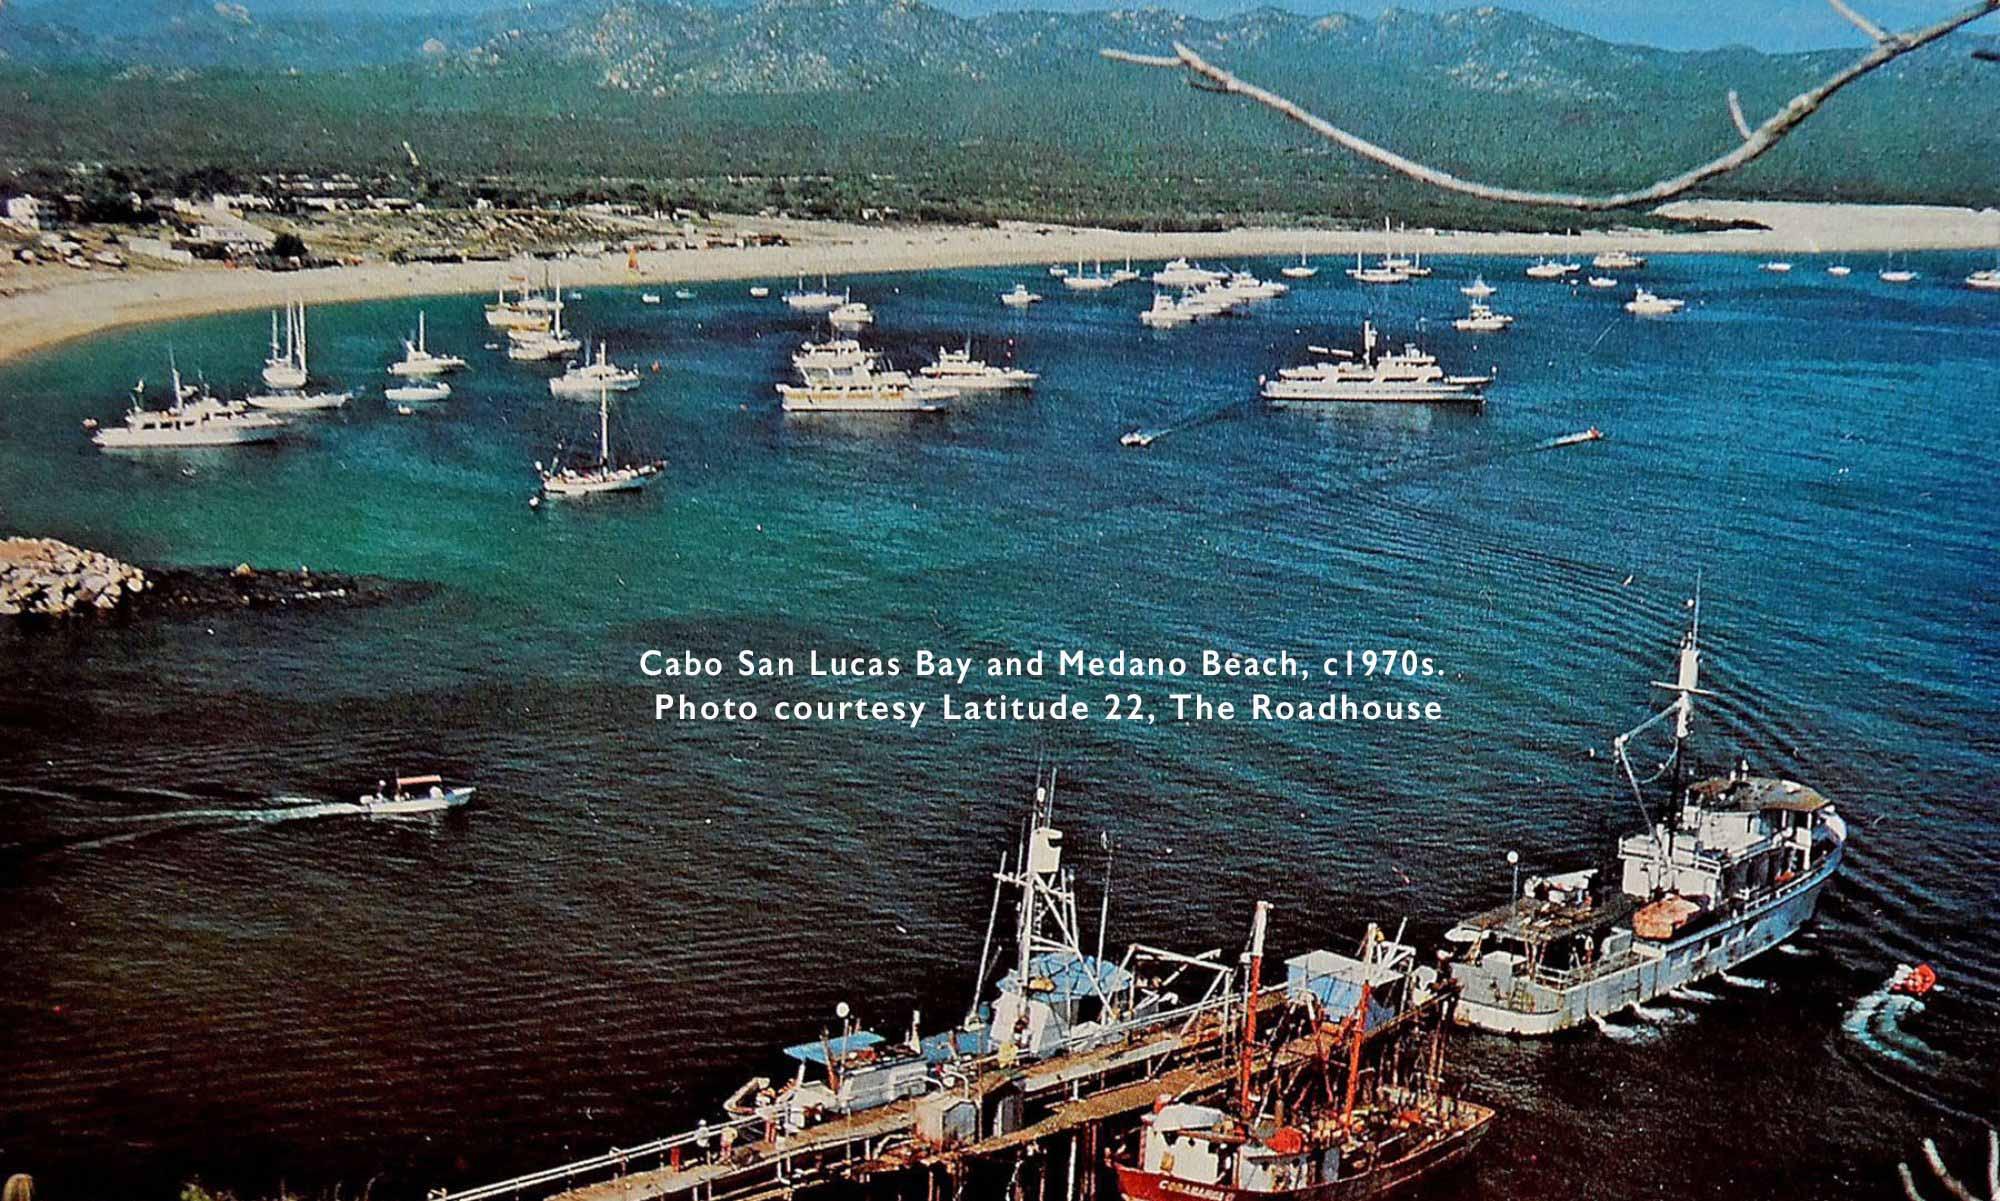 cabo-san-lucas-bay-c1970s-photo-latitude-22